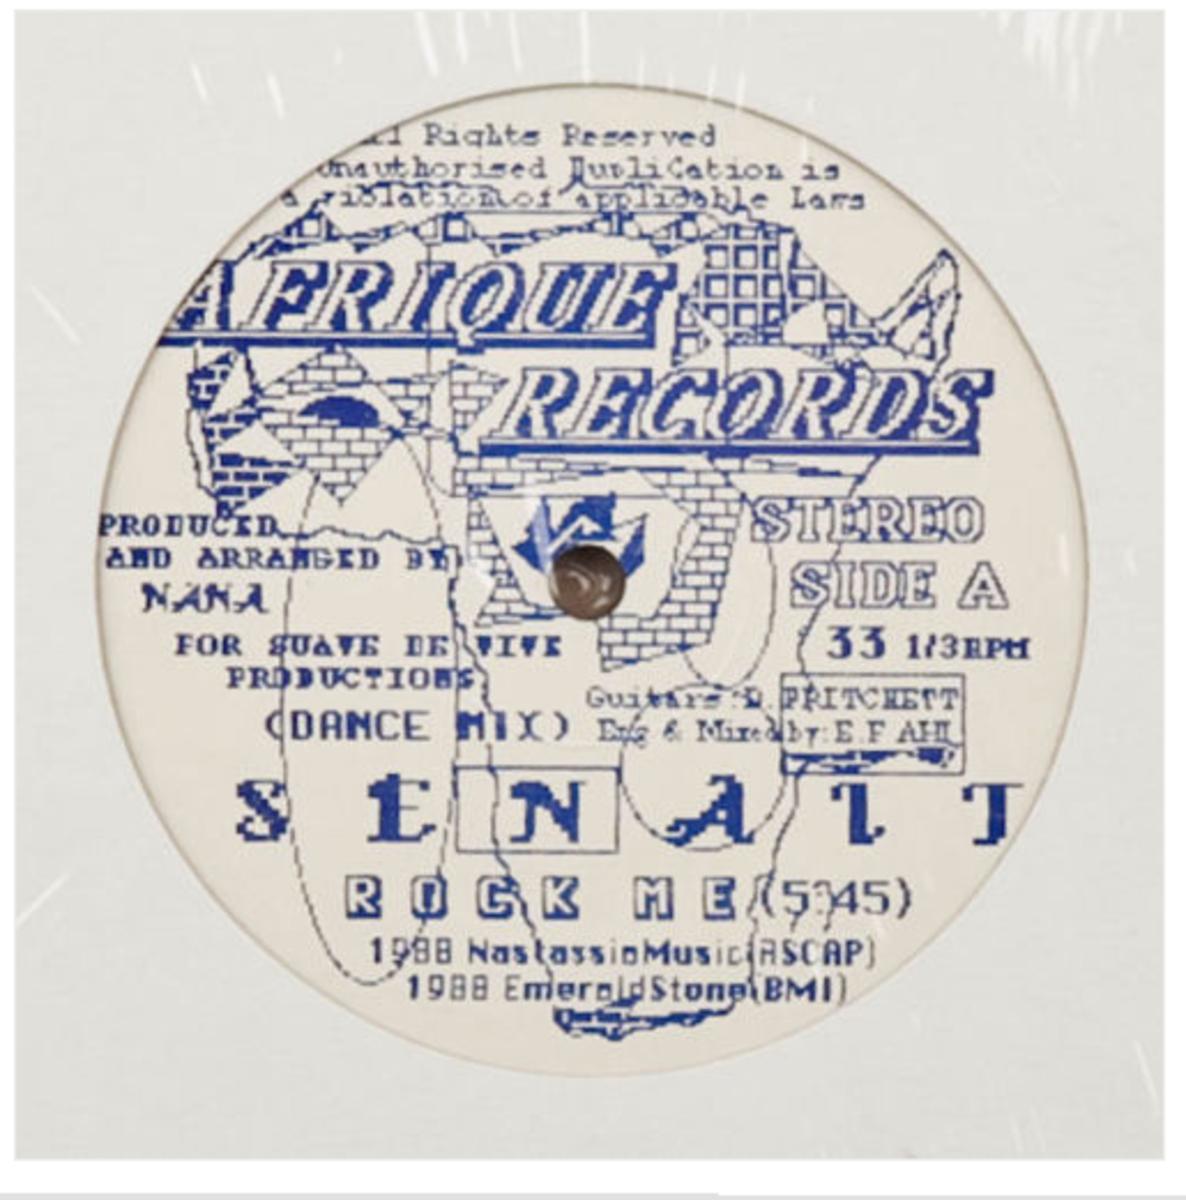 Afrique Records